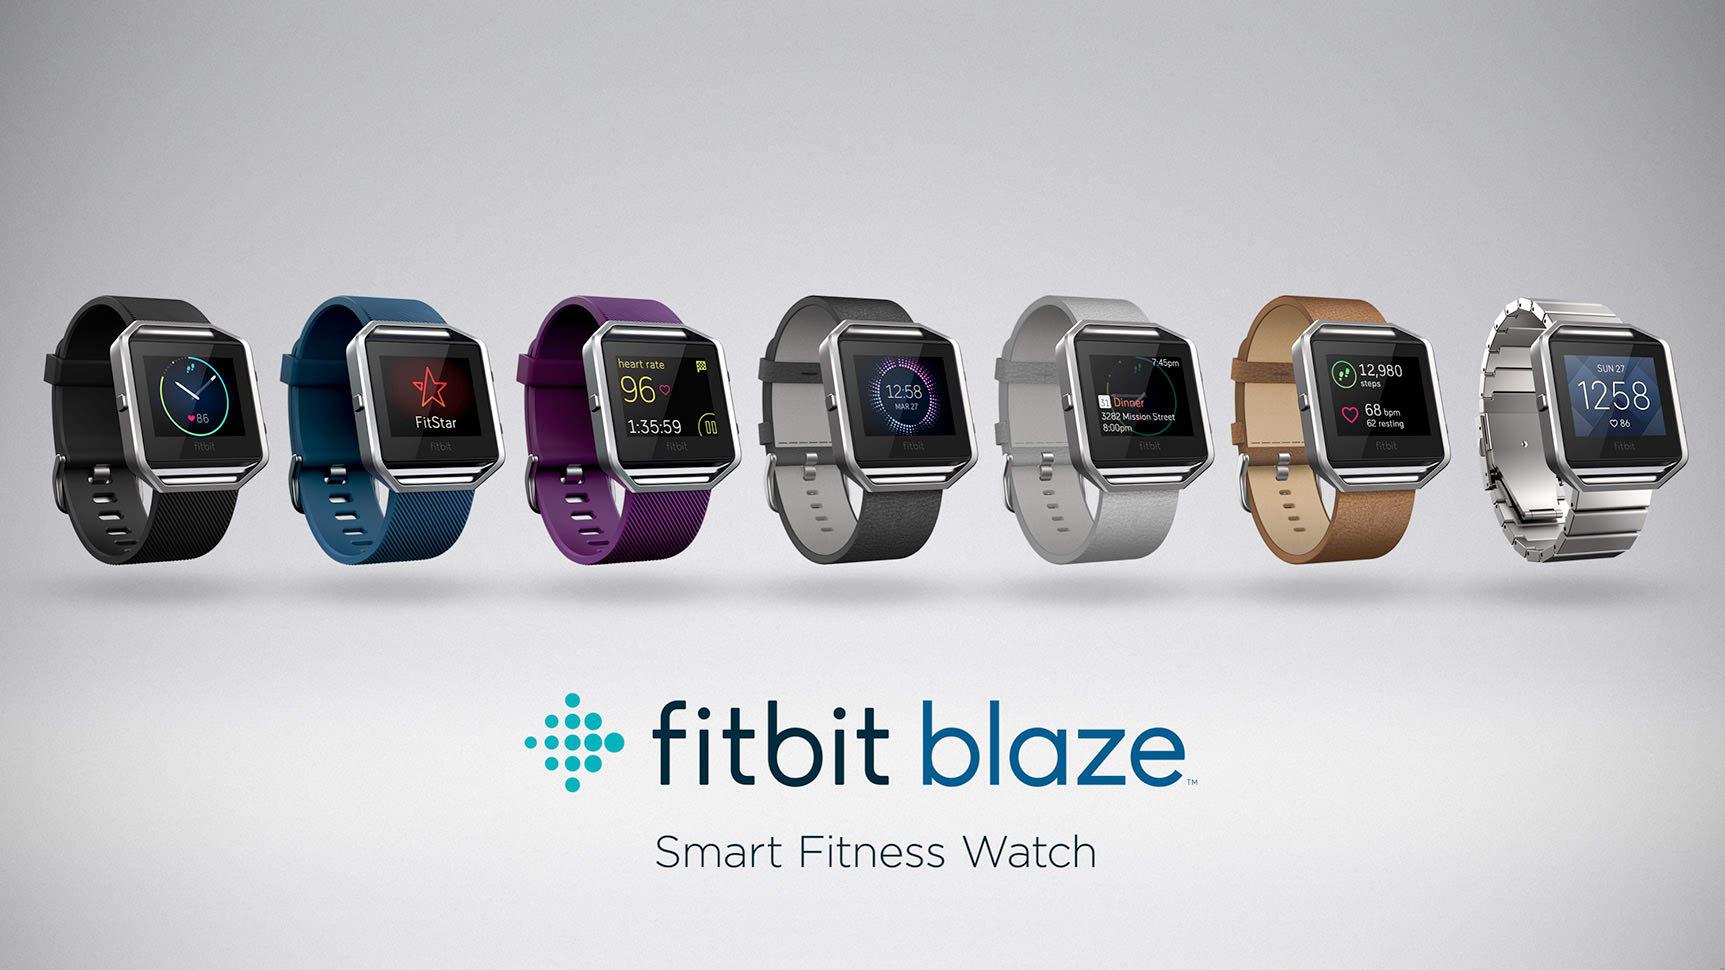 Fitbit Blaze has seven different designs